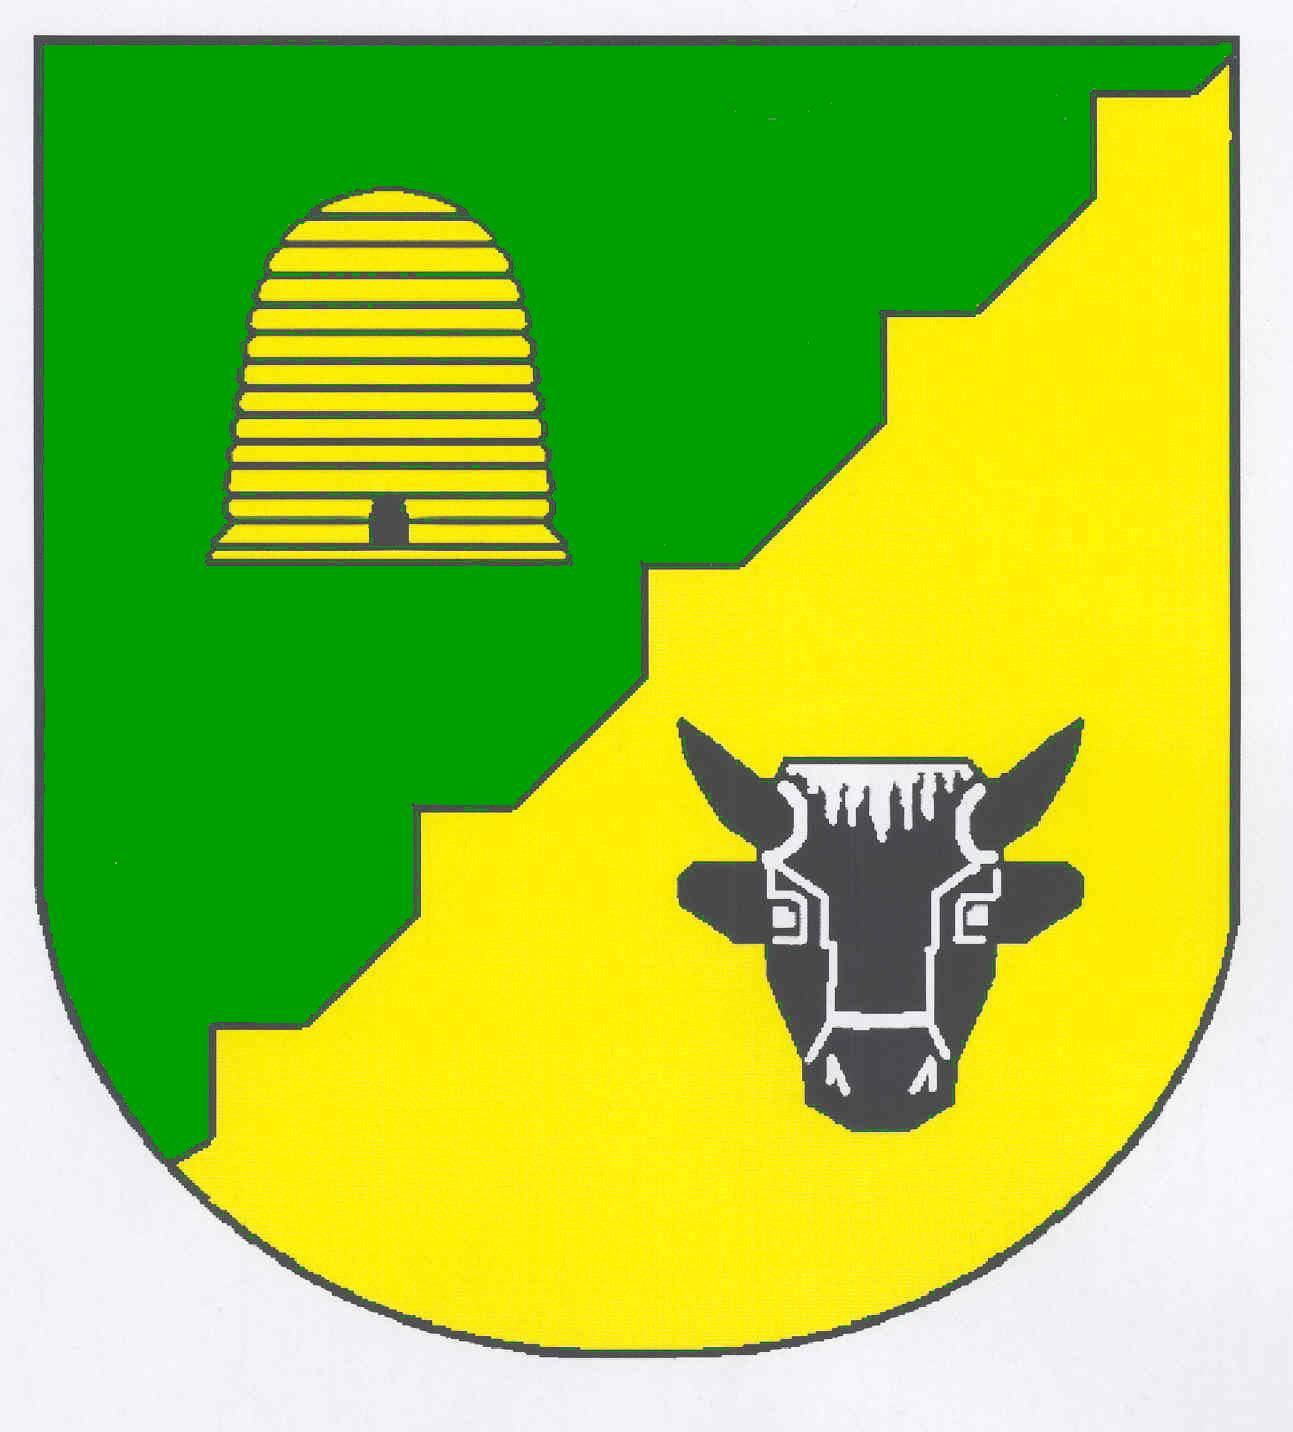 Wappen GemeindeKolkerheide, Kreis Nordfriesland